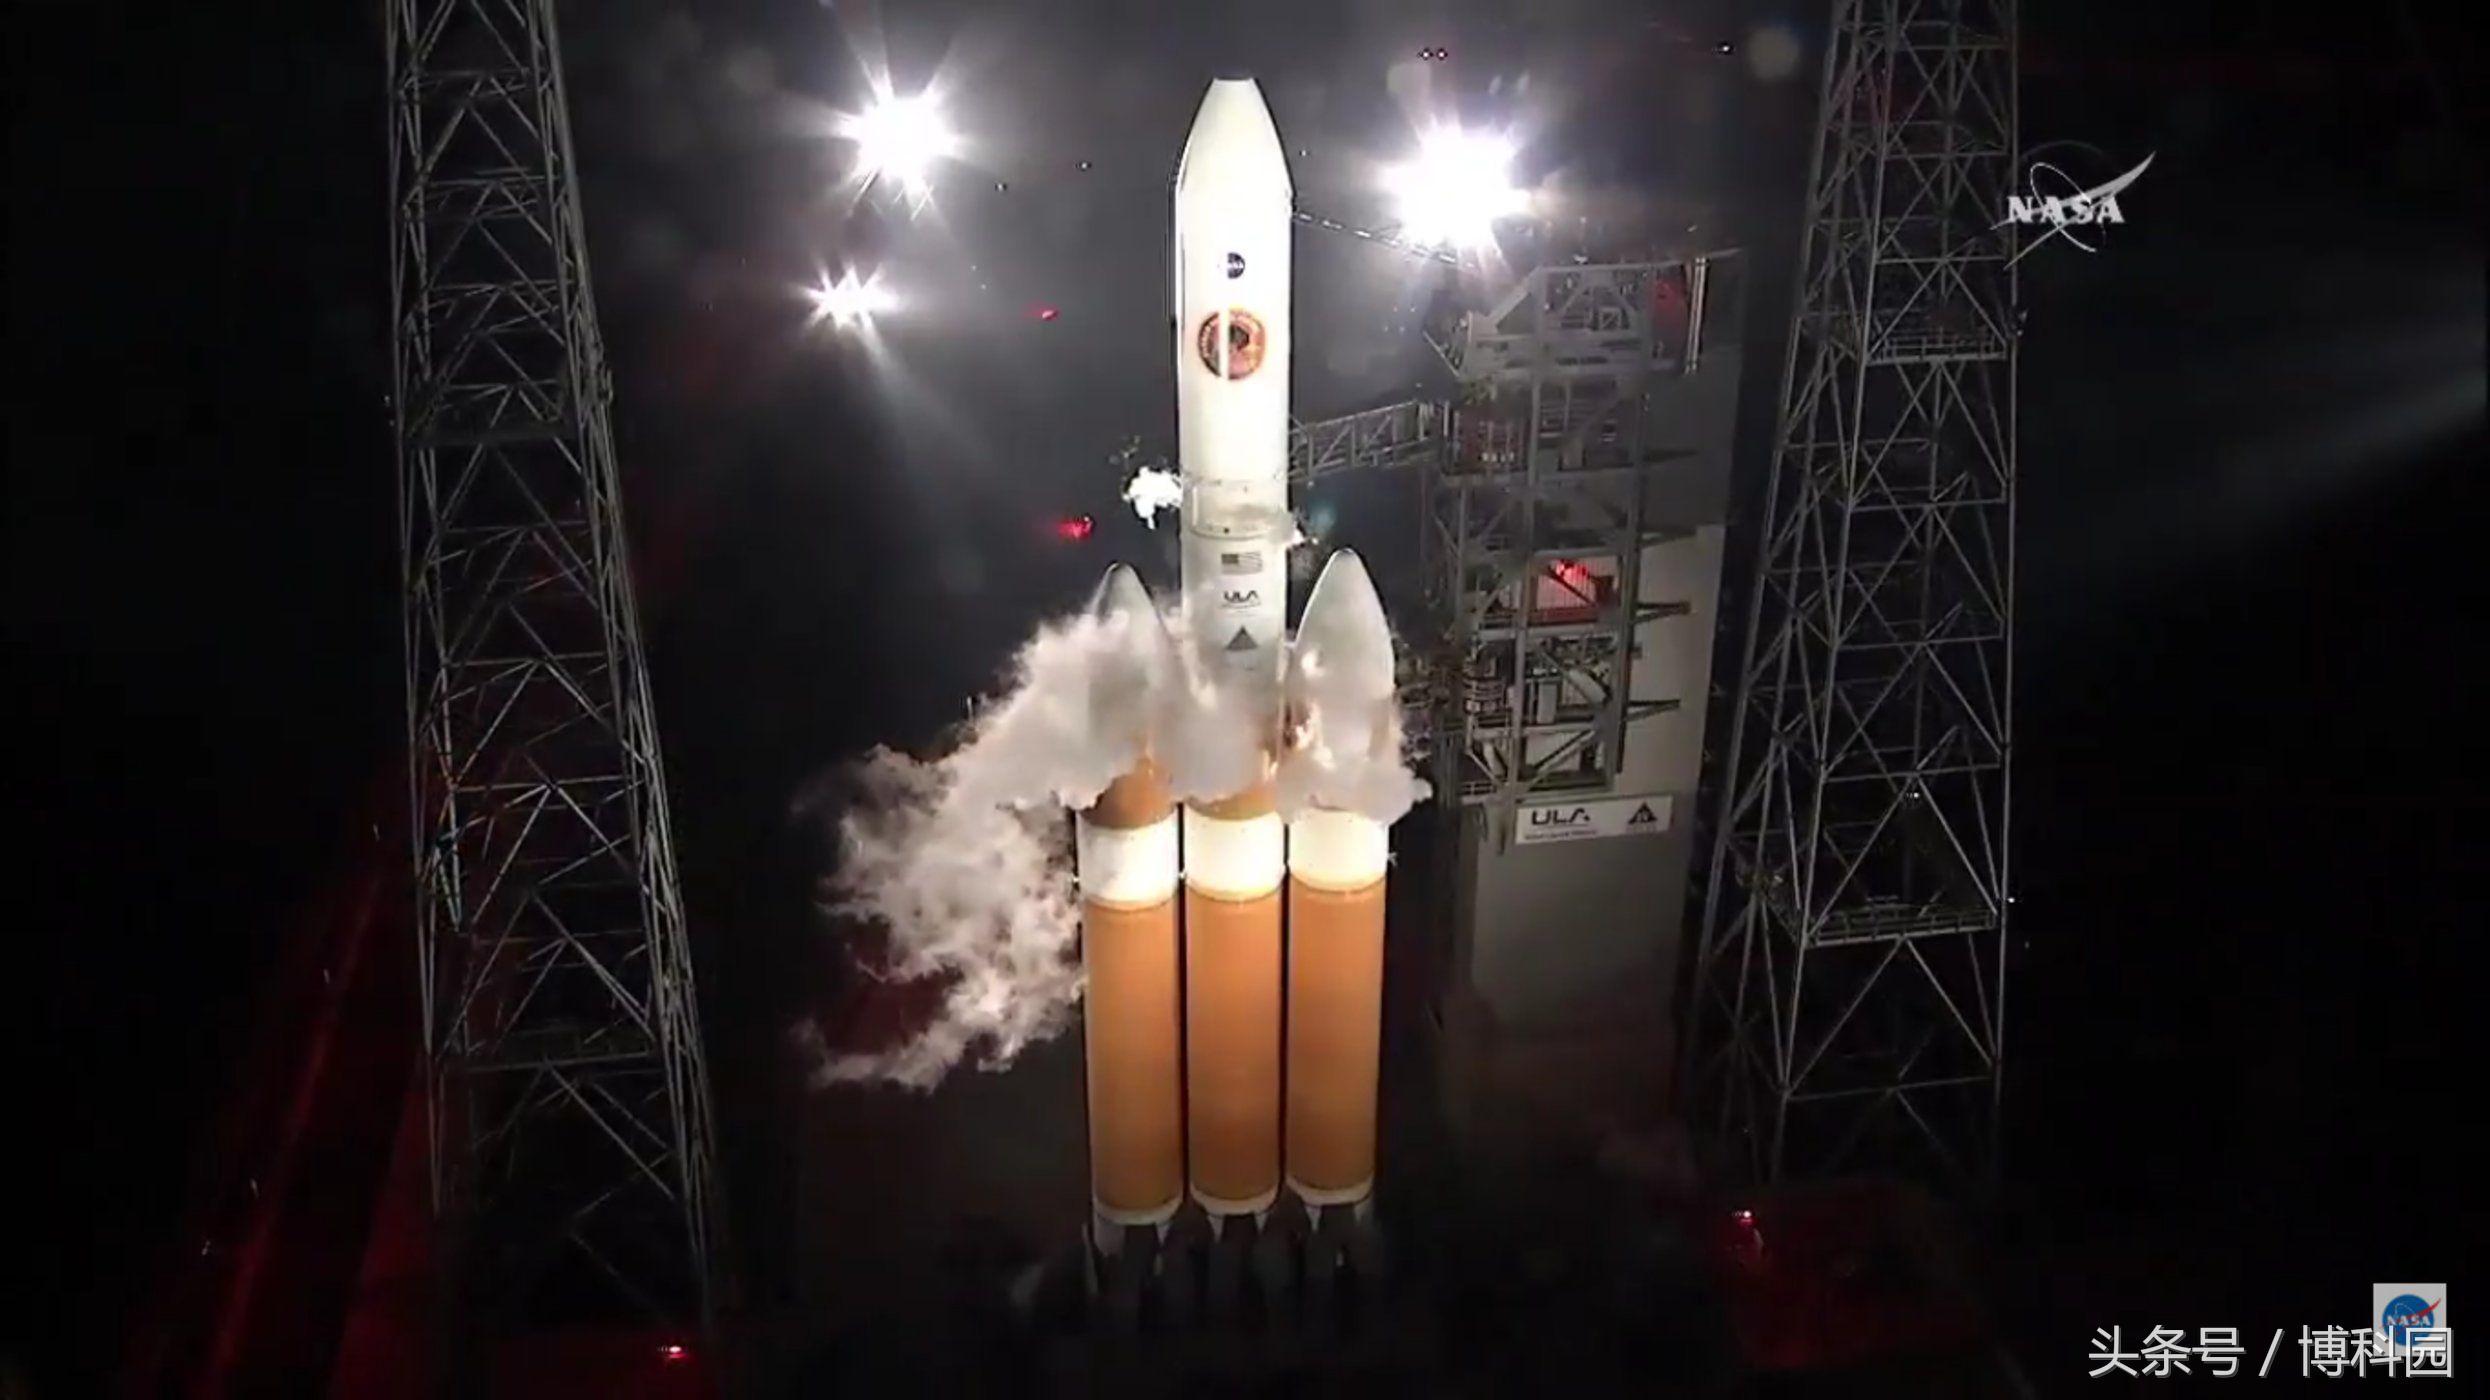 最后一刻故障:导致美国宇航局帕克太阳探测器发射推迟